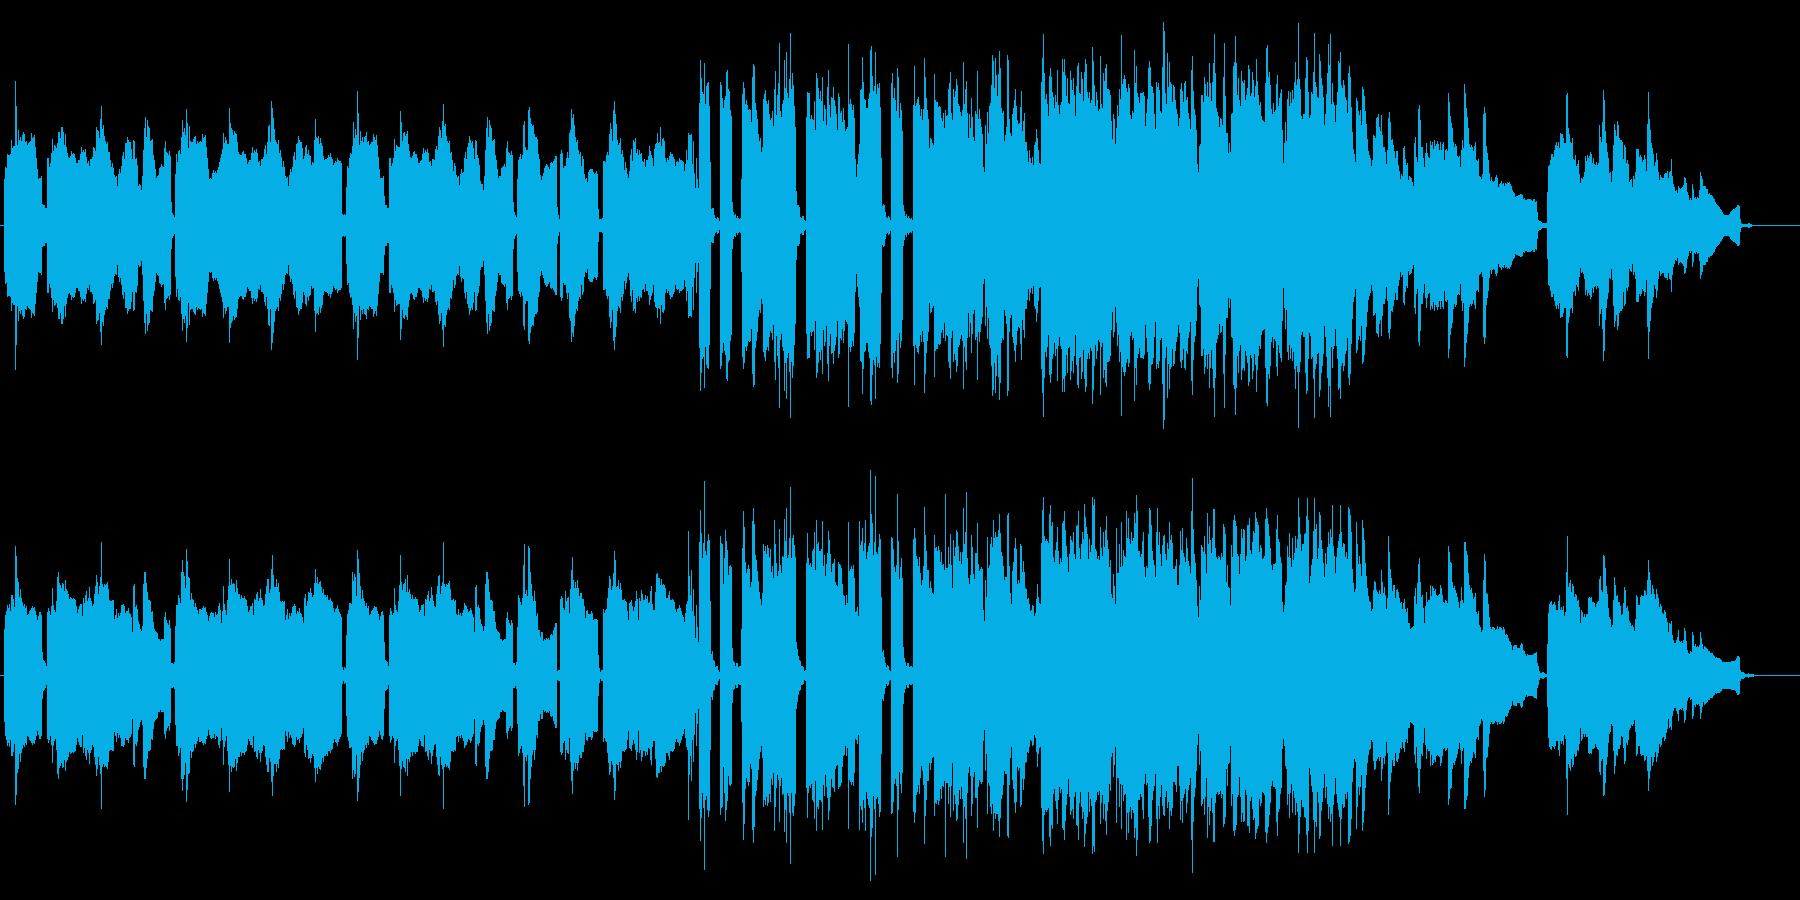 笛がメインの切なくメロディアスな和風曲の再生済みの波形